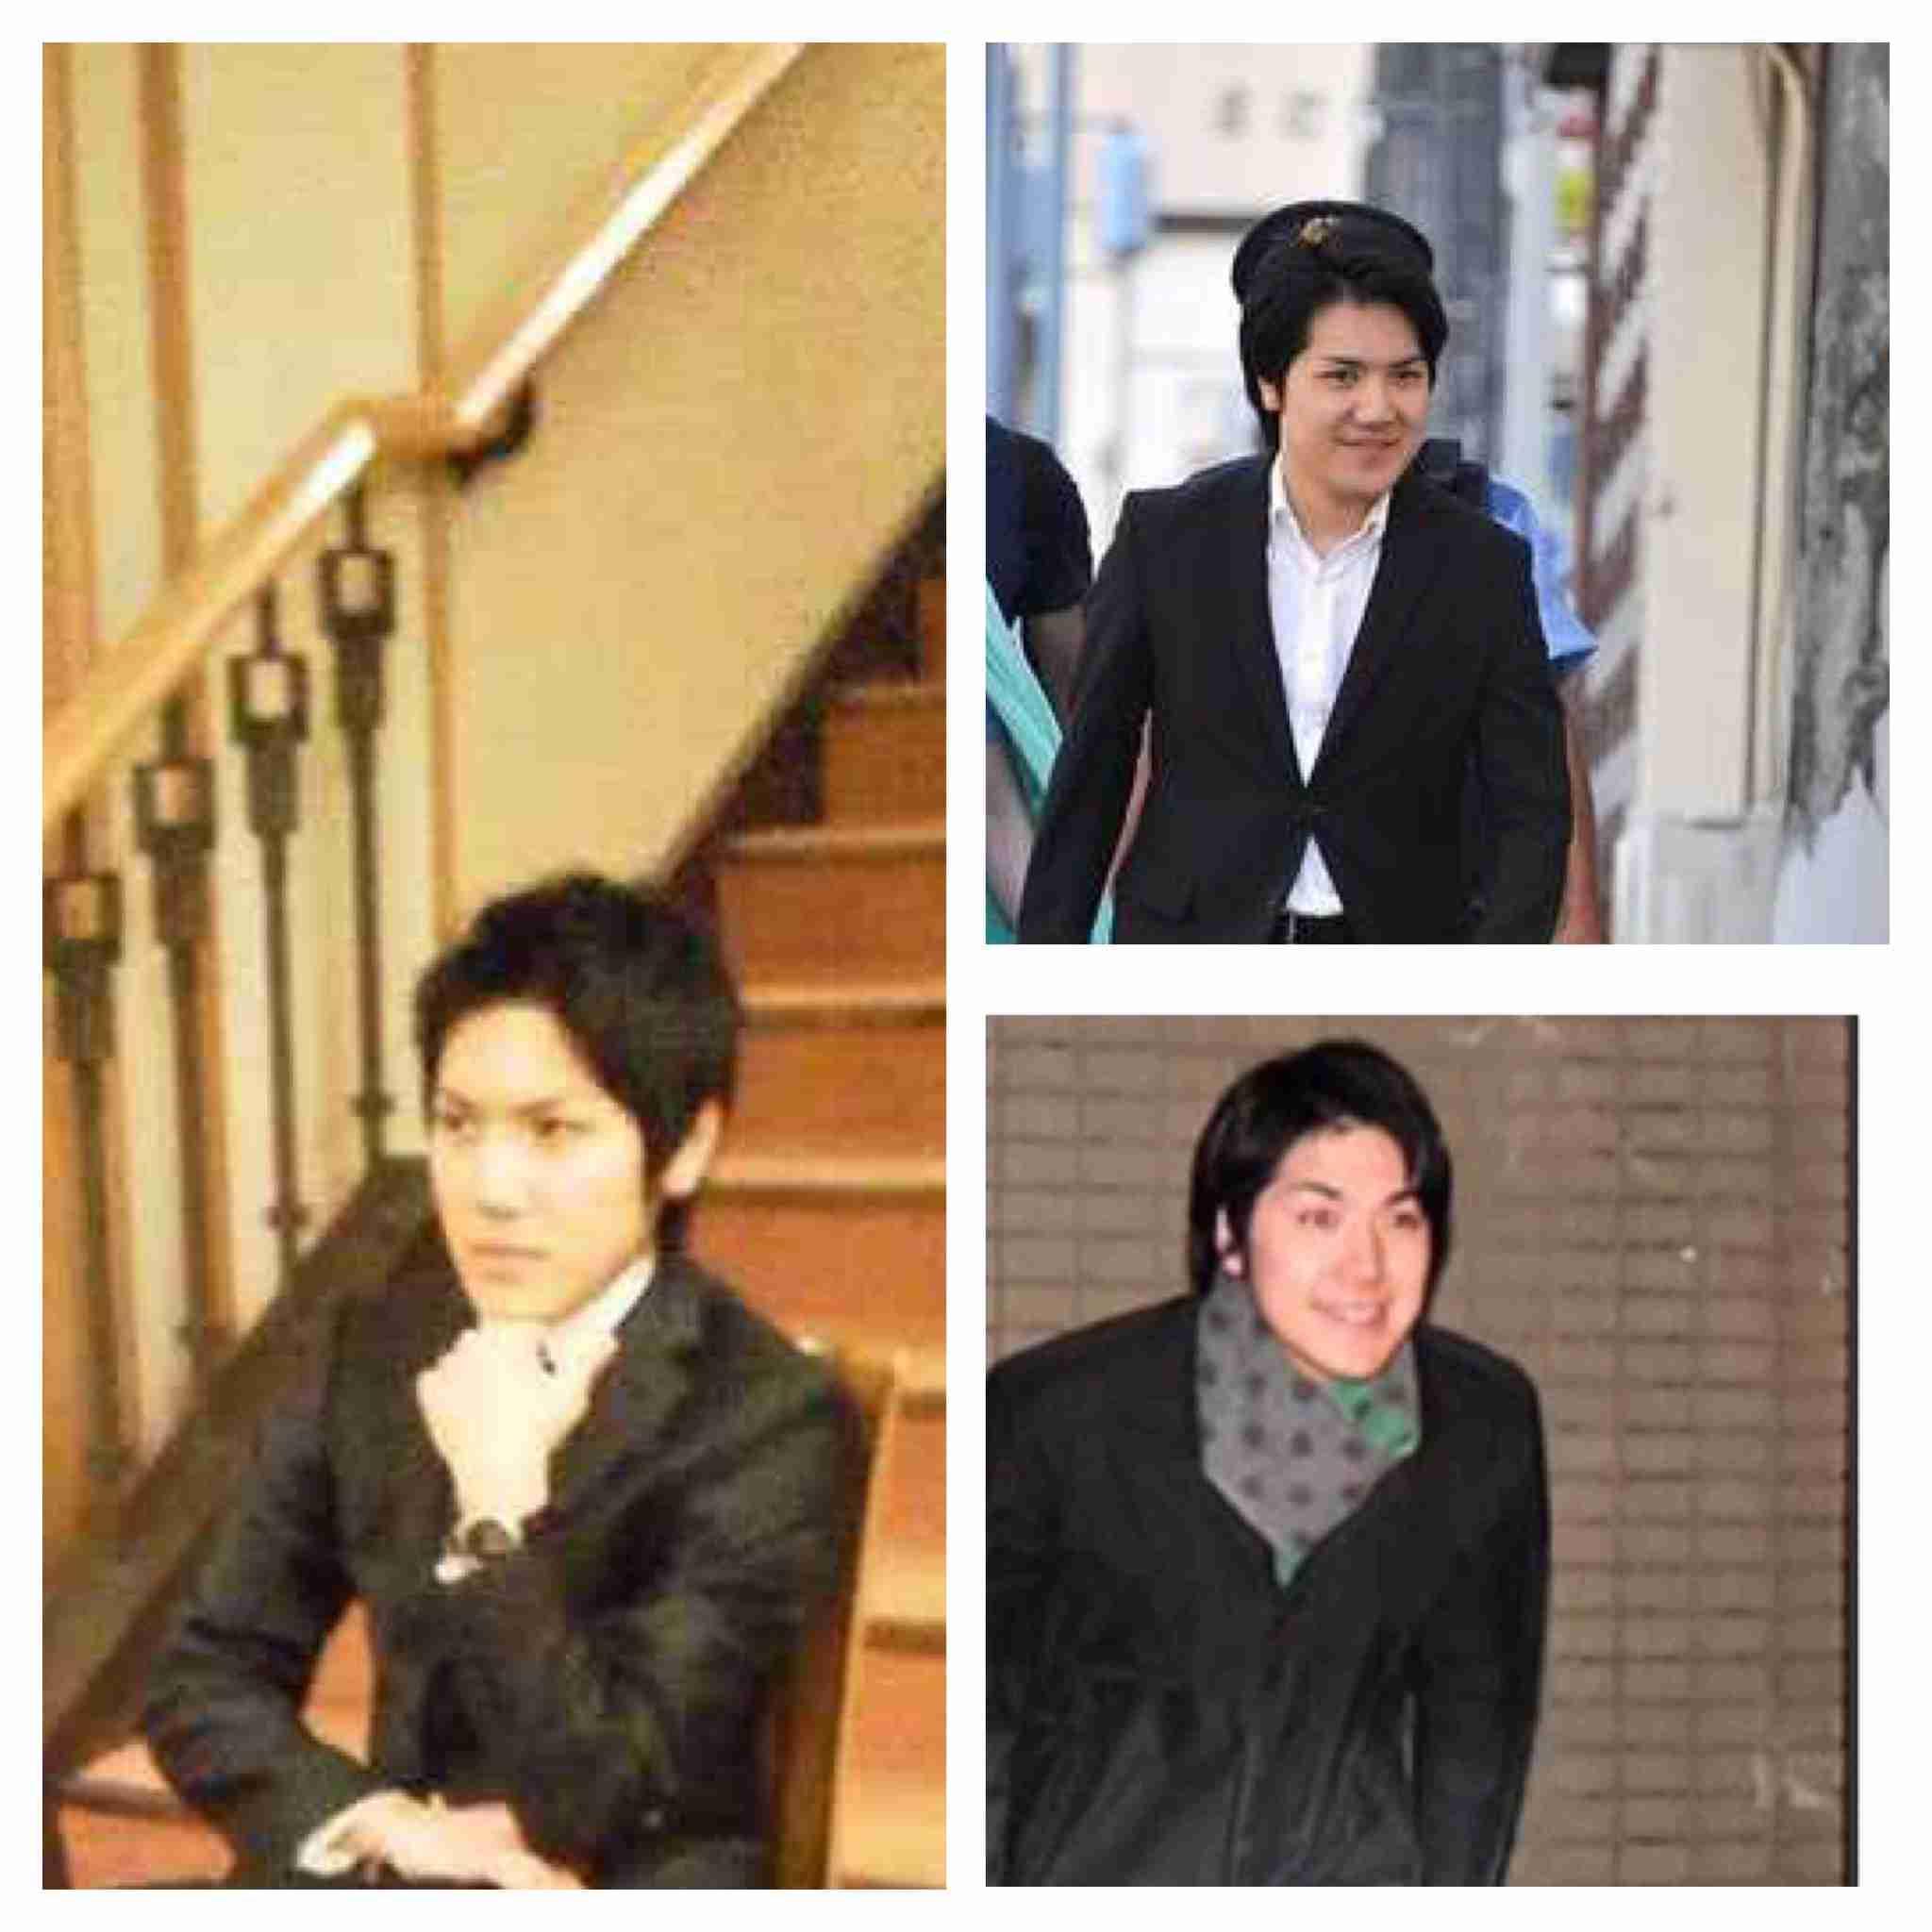 小室圭さん、残高証明難しく留学ビザ取得ならず 一時帰国か